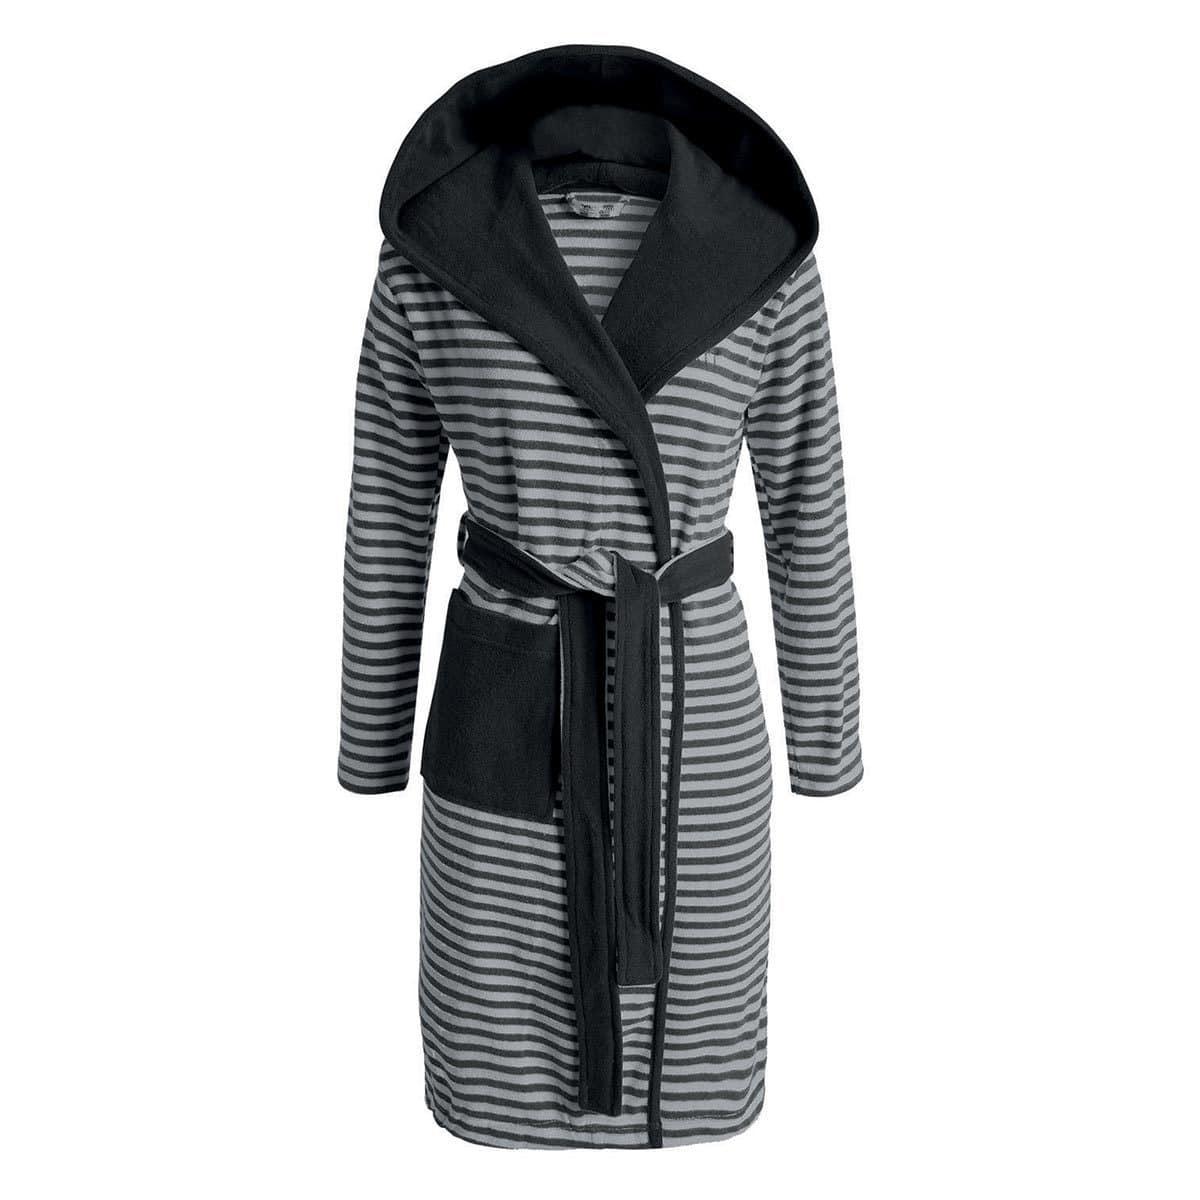 098dfa49c01743 Esprit Damen Kapuzenmantel Striped Hoodie anthracite günstig online kaufen  bei Bettwaren Shop